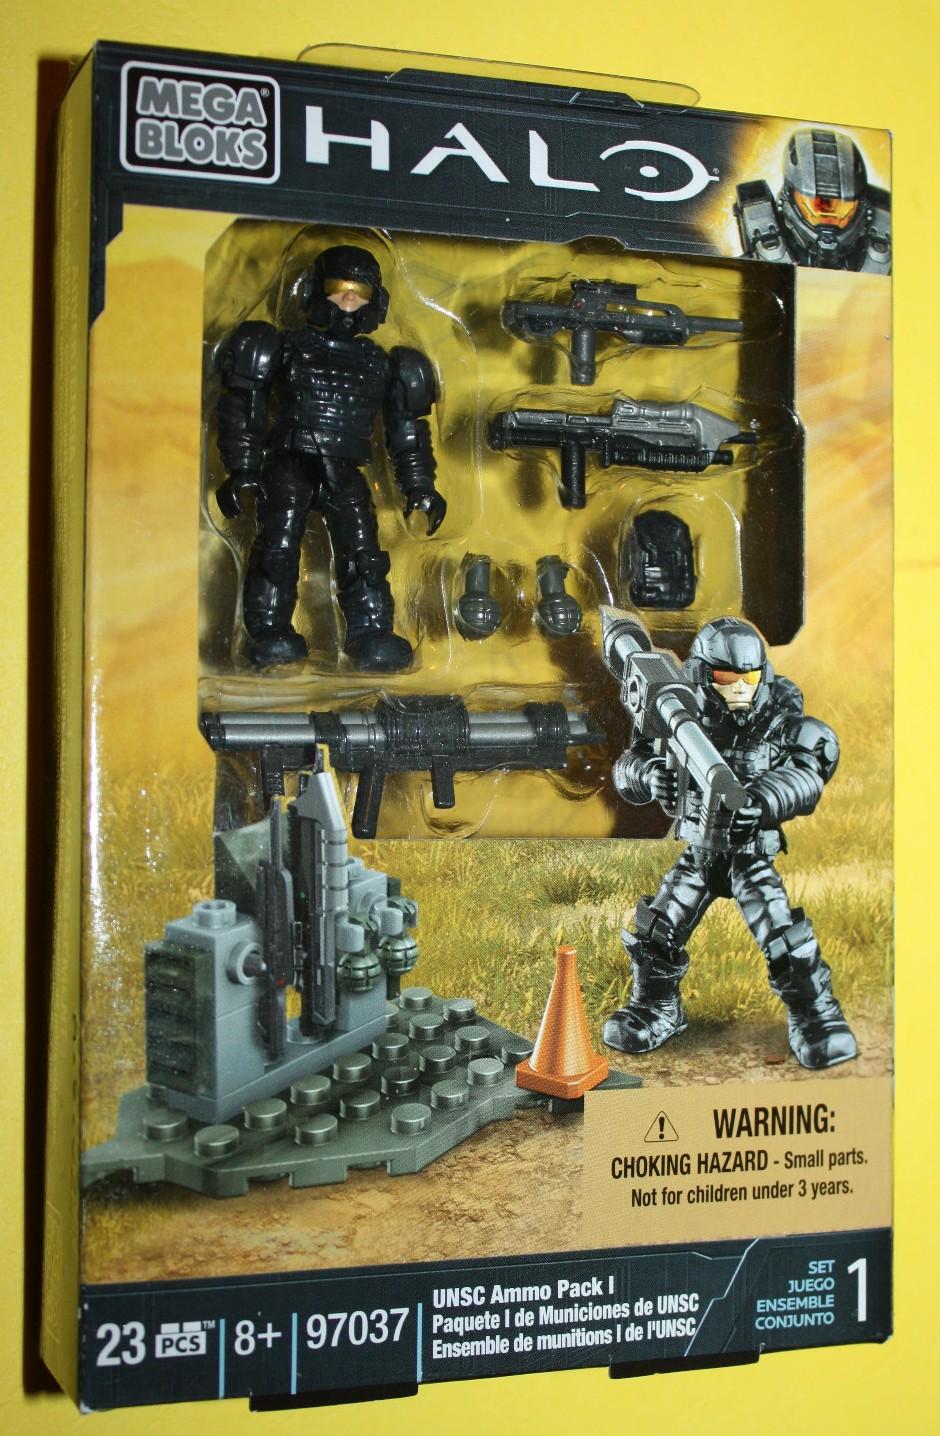 Halo 4 Mega Bloks UNSC Ammo Pack I 97037 Armored Marine